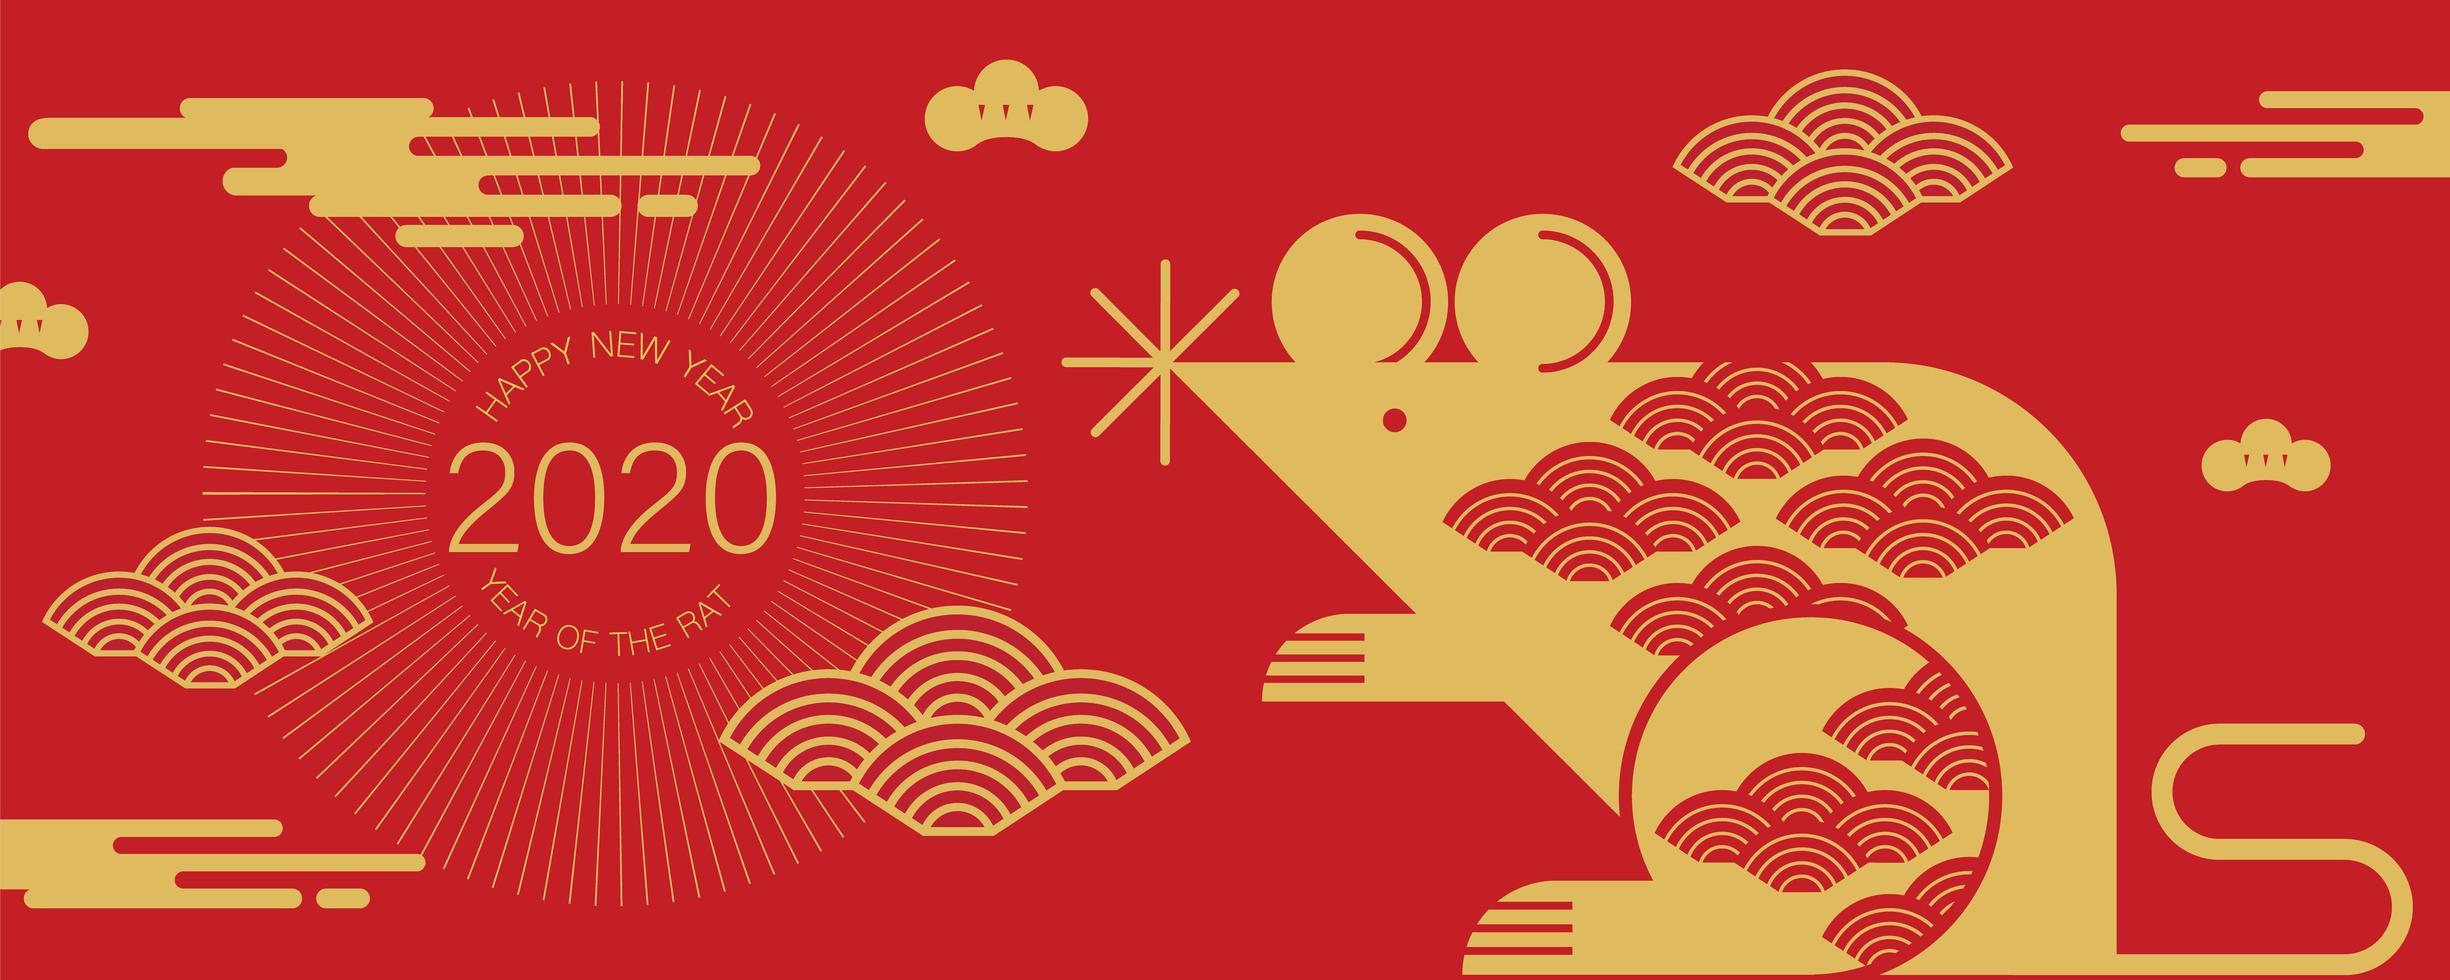 Banner para año nuevo chino con ratas y nubes vector